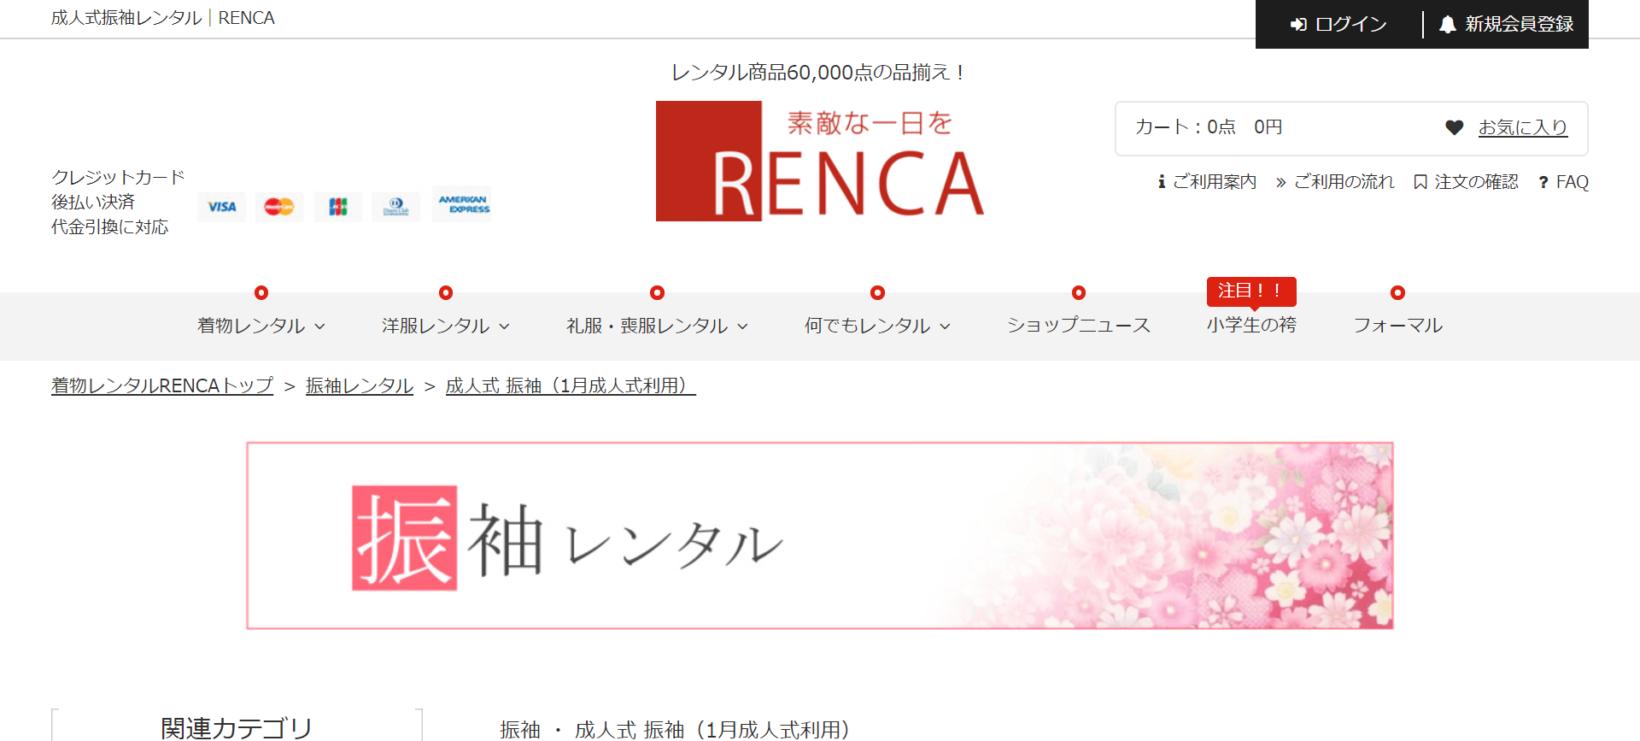 RENCA